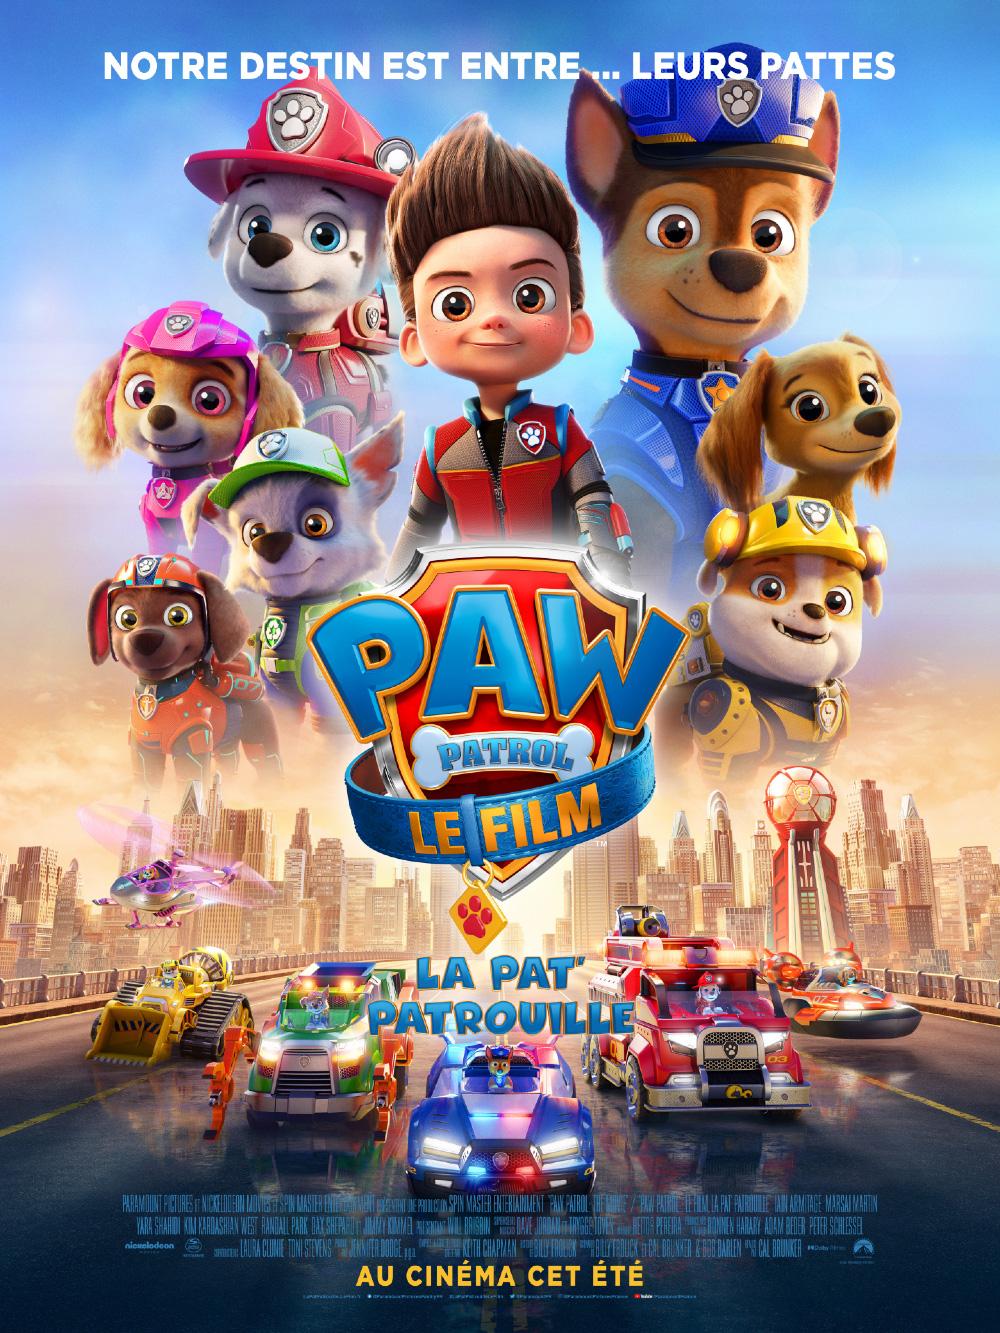 PAW PATROL - LE FILM - LA PAT PATROUILLE